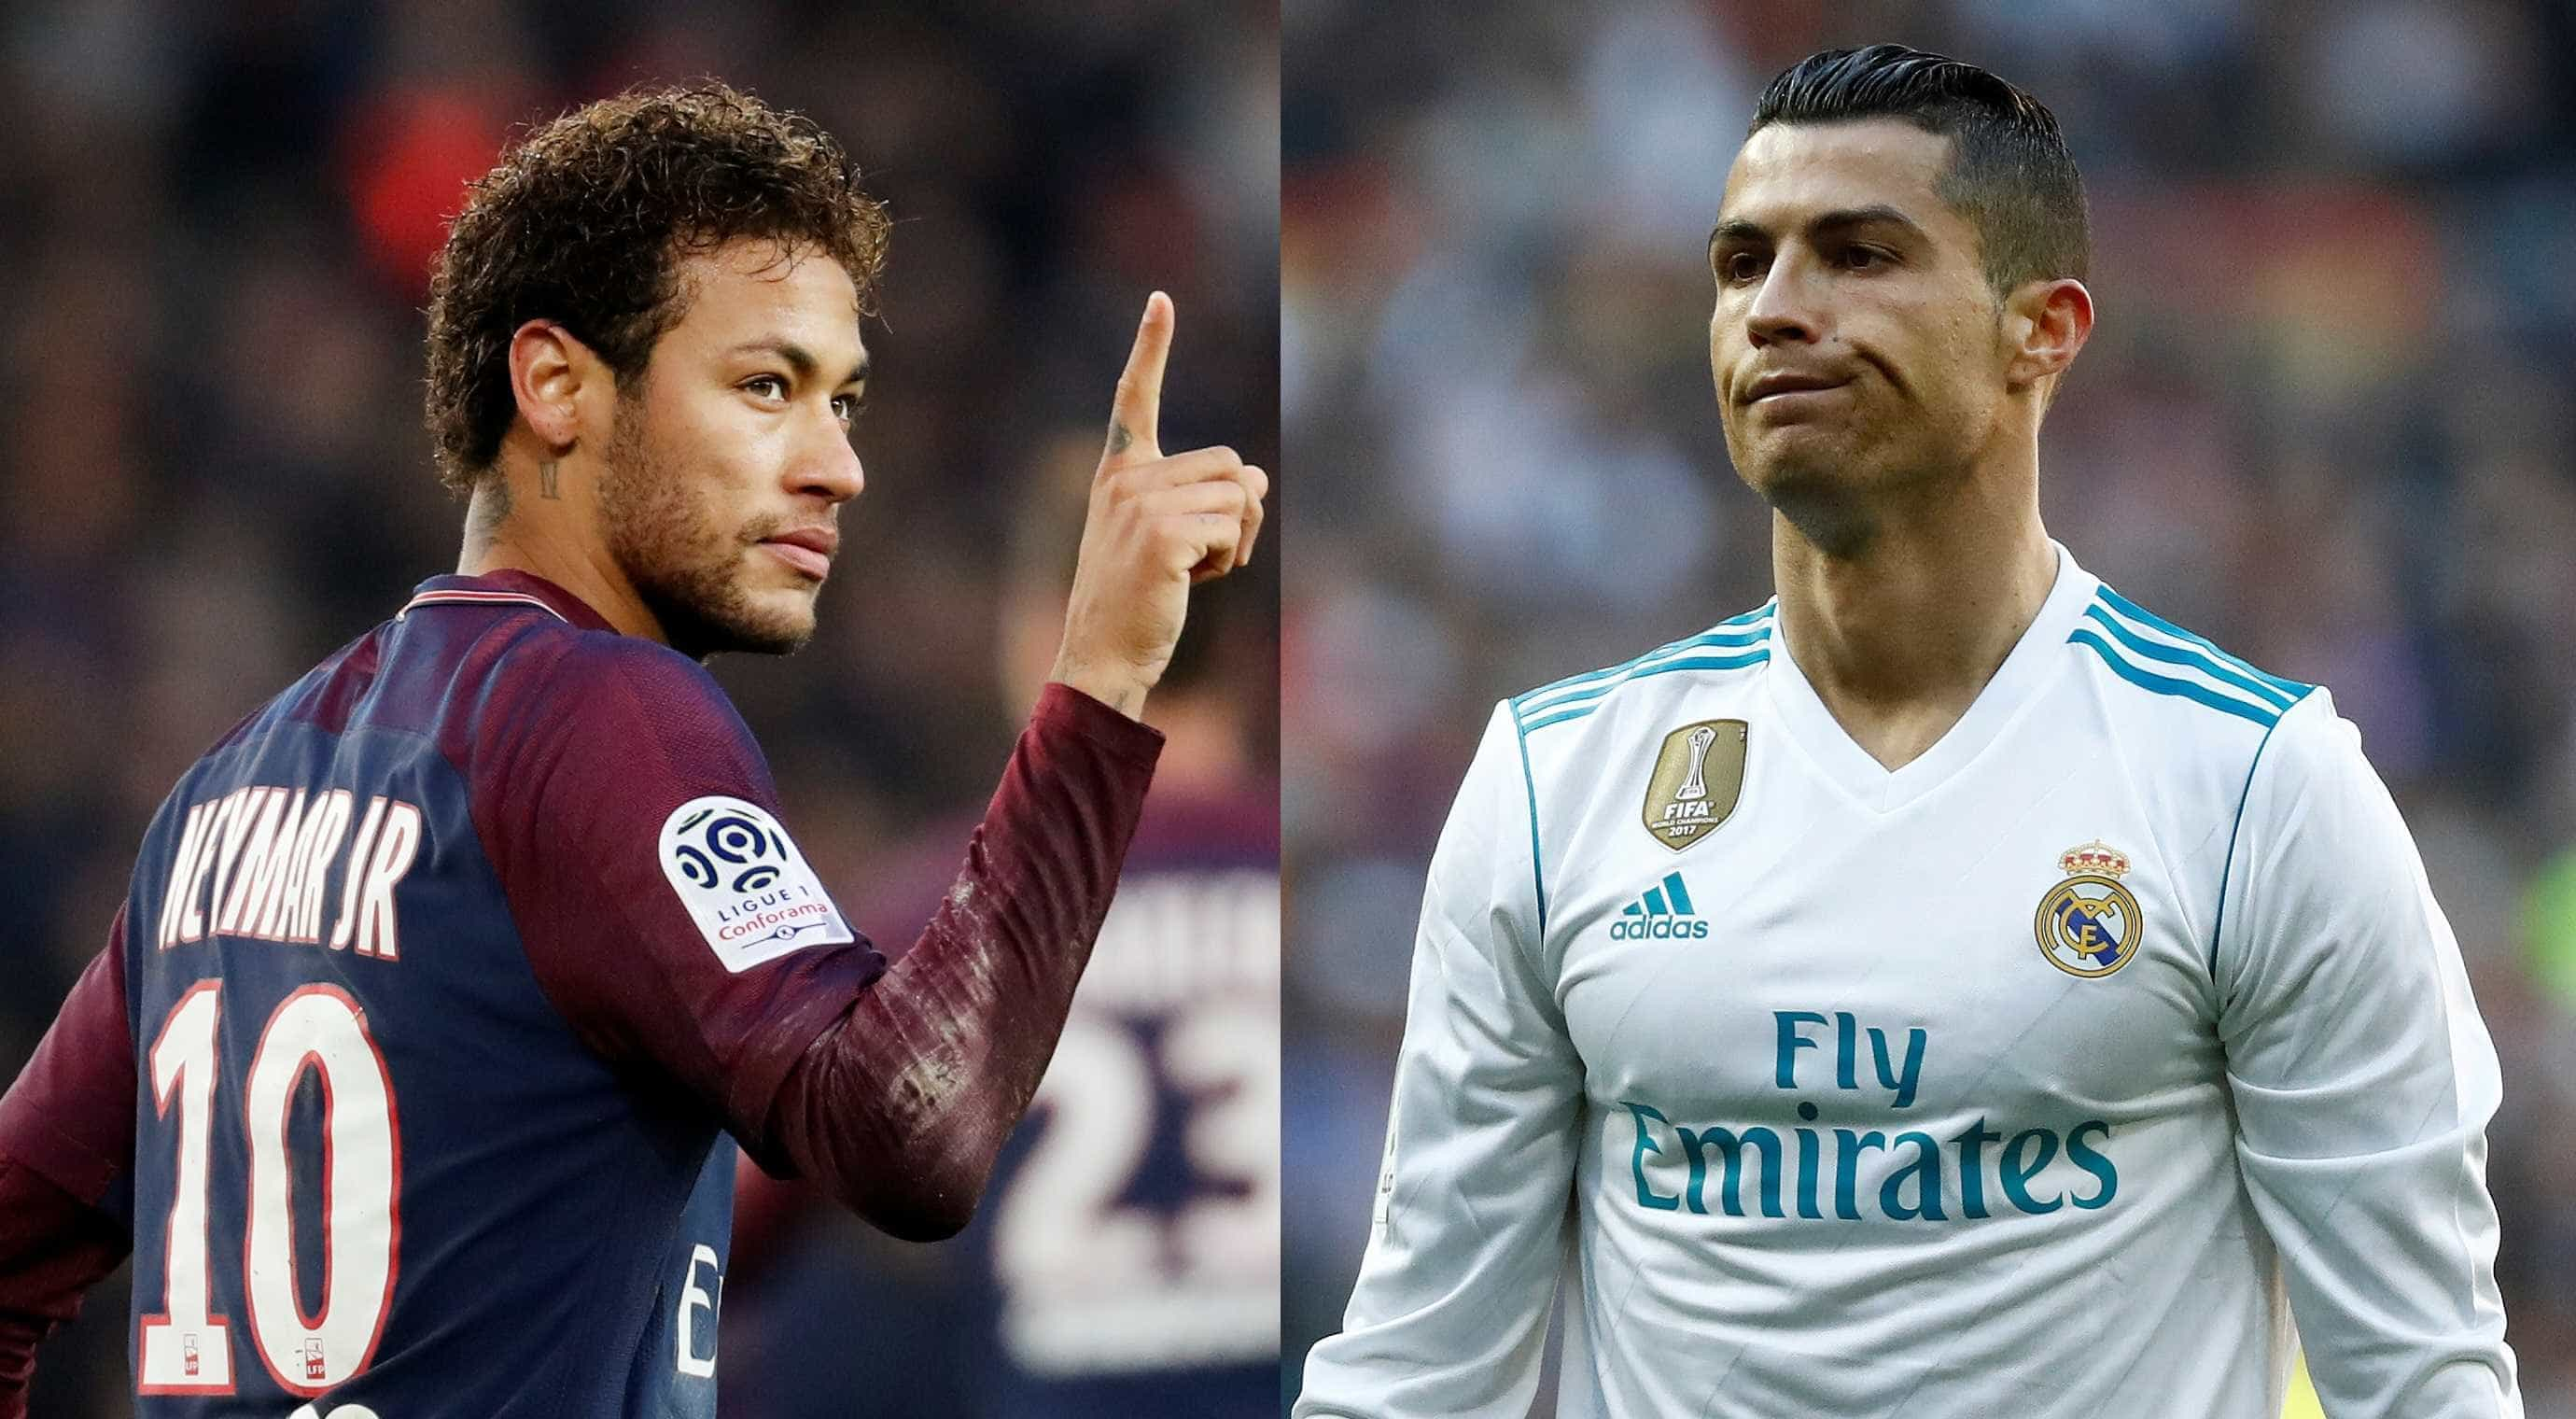 Real Madrid x PSG: a prova de fogo de Neymar e Cristiano Ronaldo